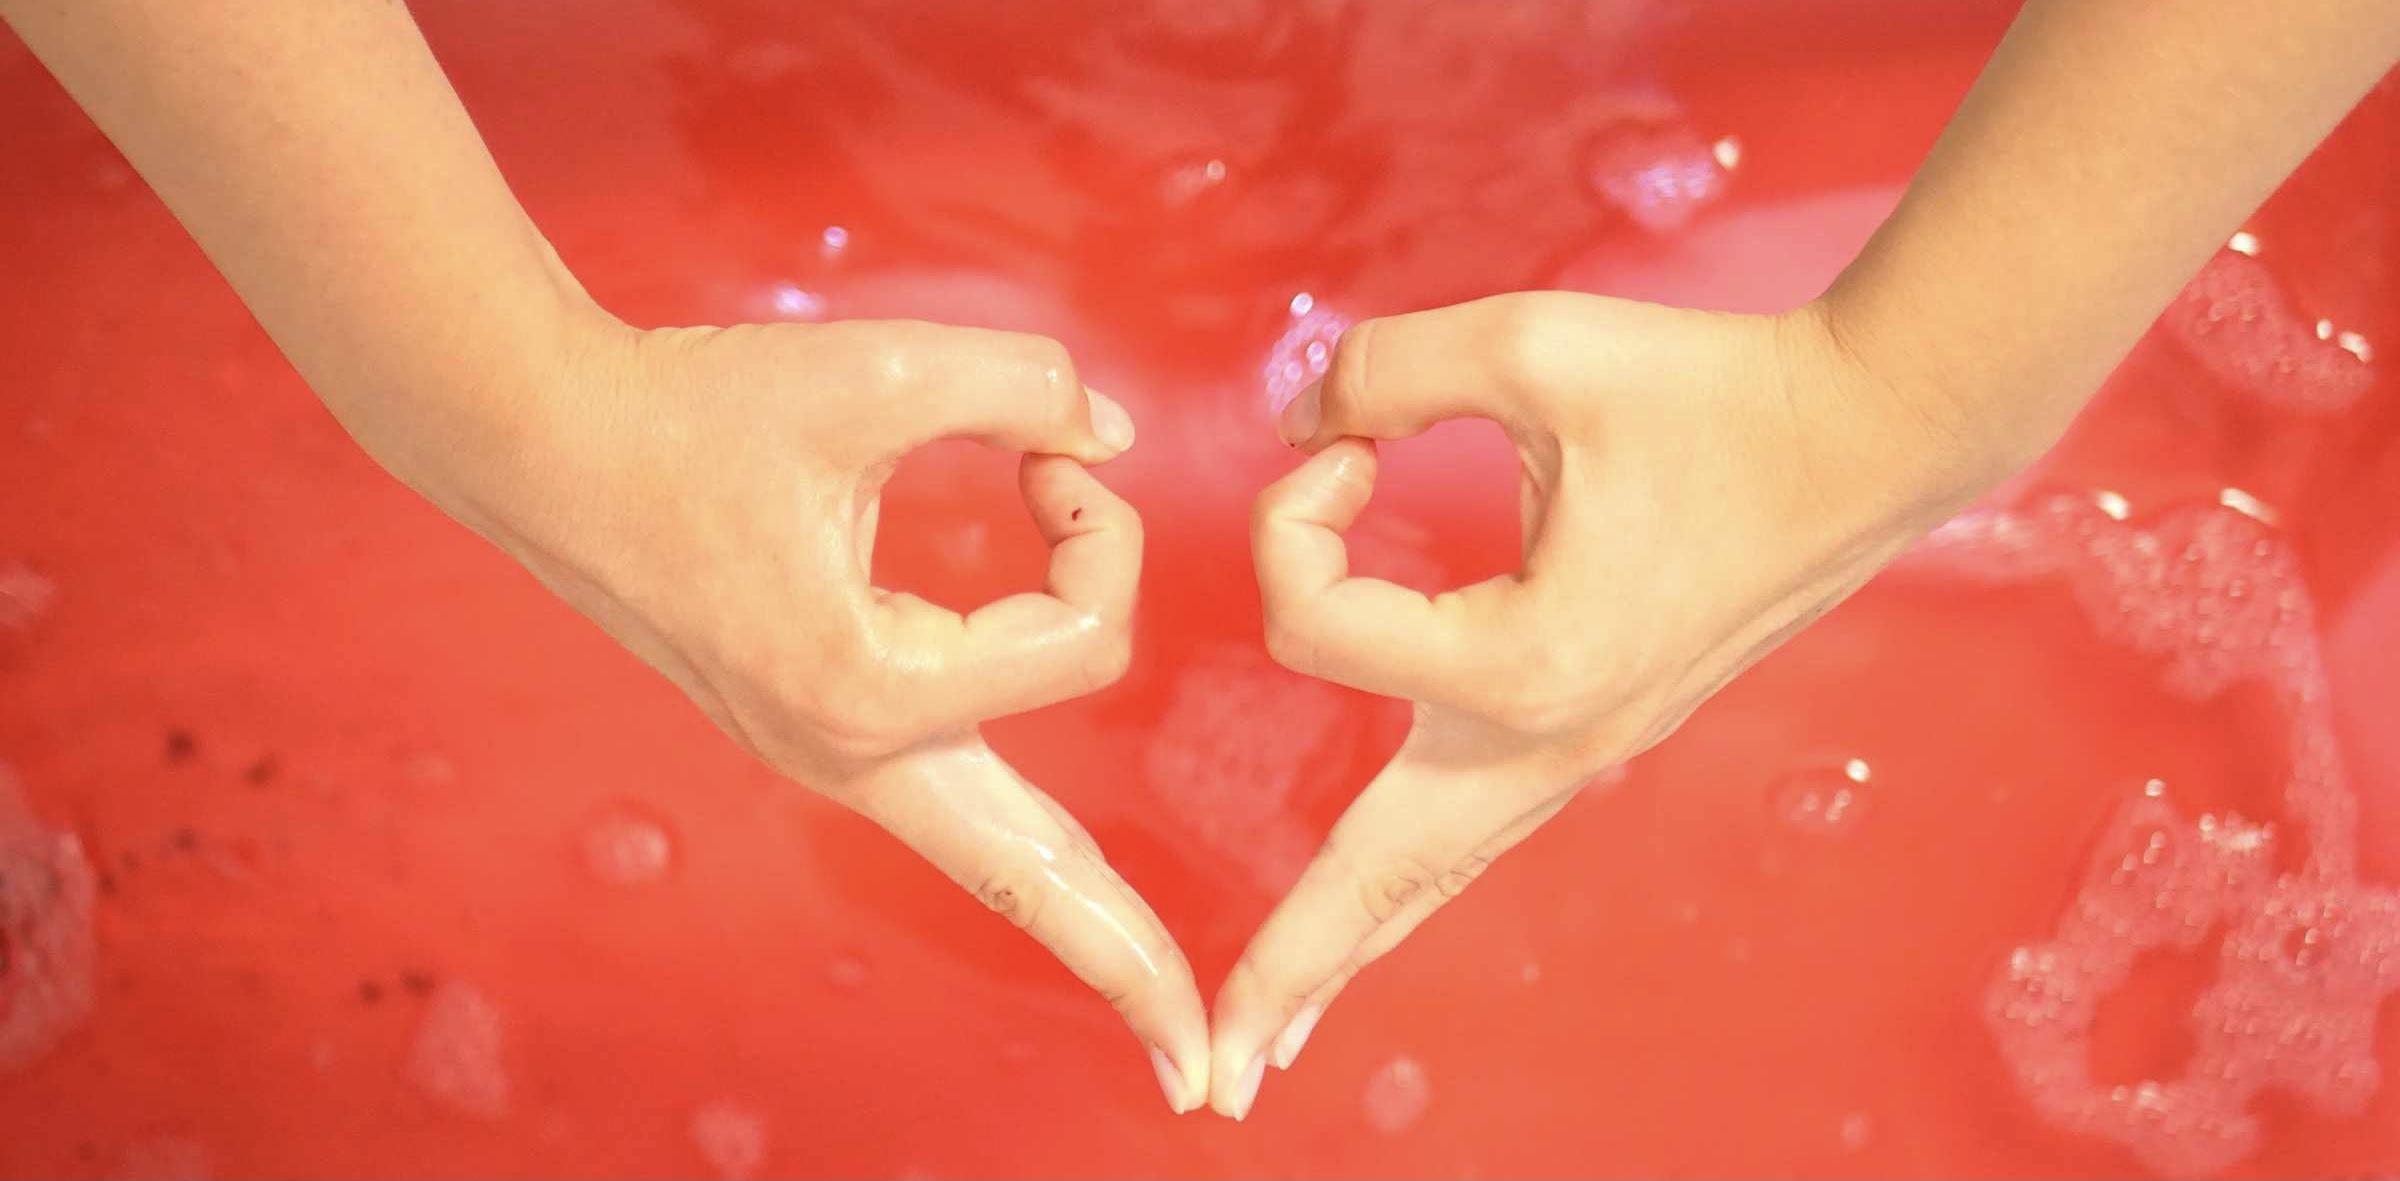 Zwei Hände, die mit den Fingern die Form der Eierstöcke nachahmen, vor rotem Hintergrund